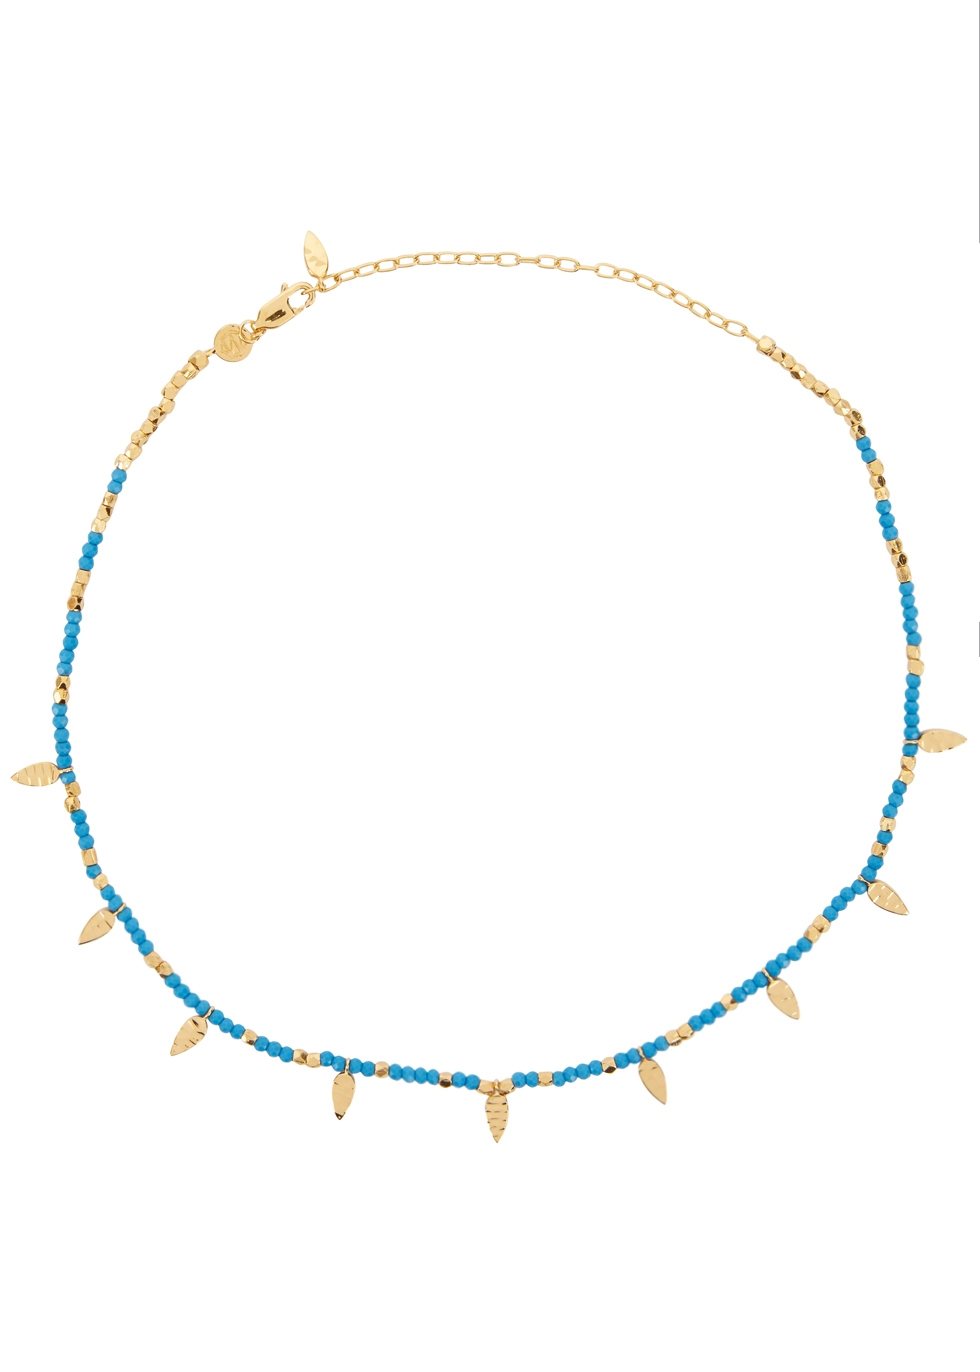 MISSOMA Turquoise Howlite Beaded Choker